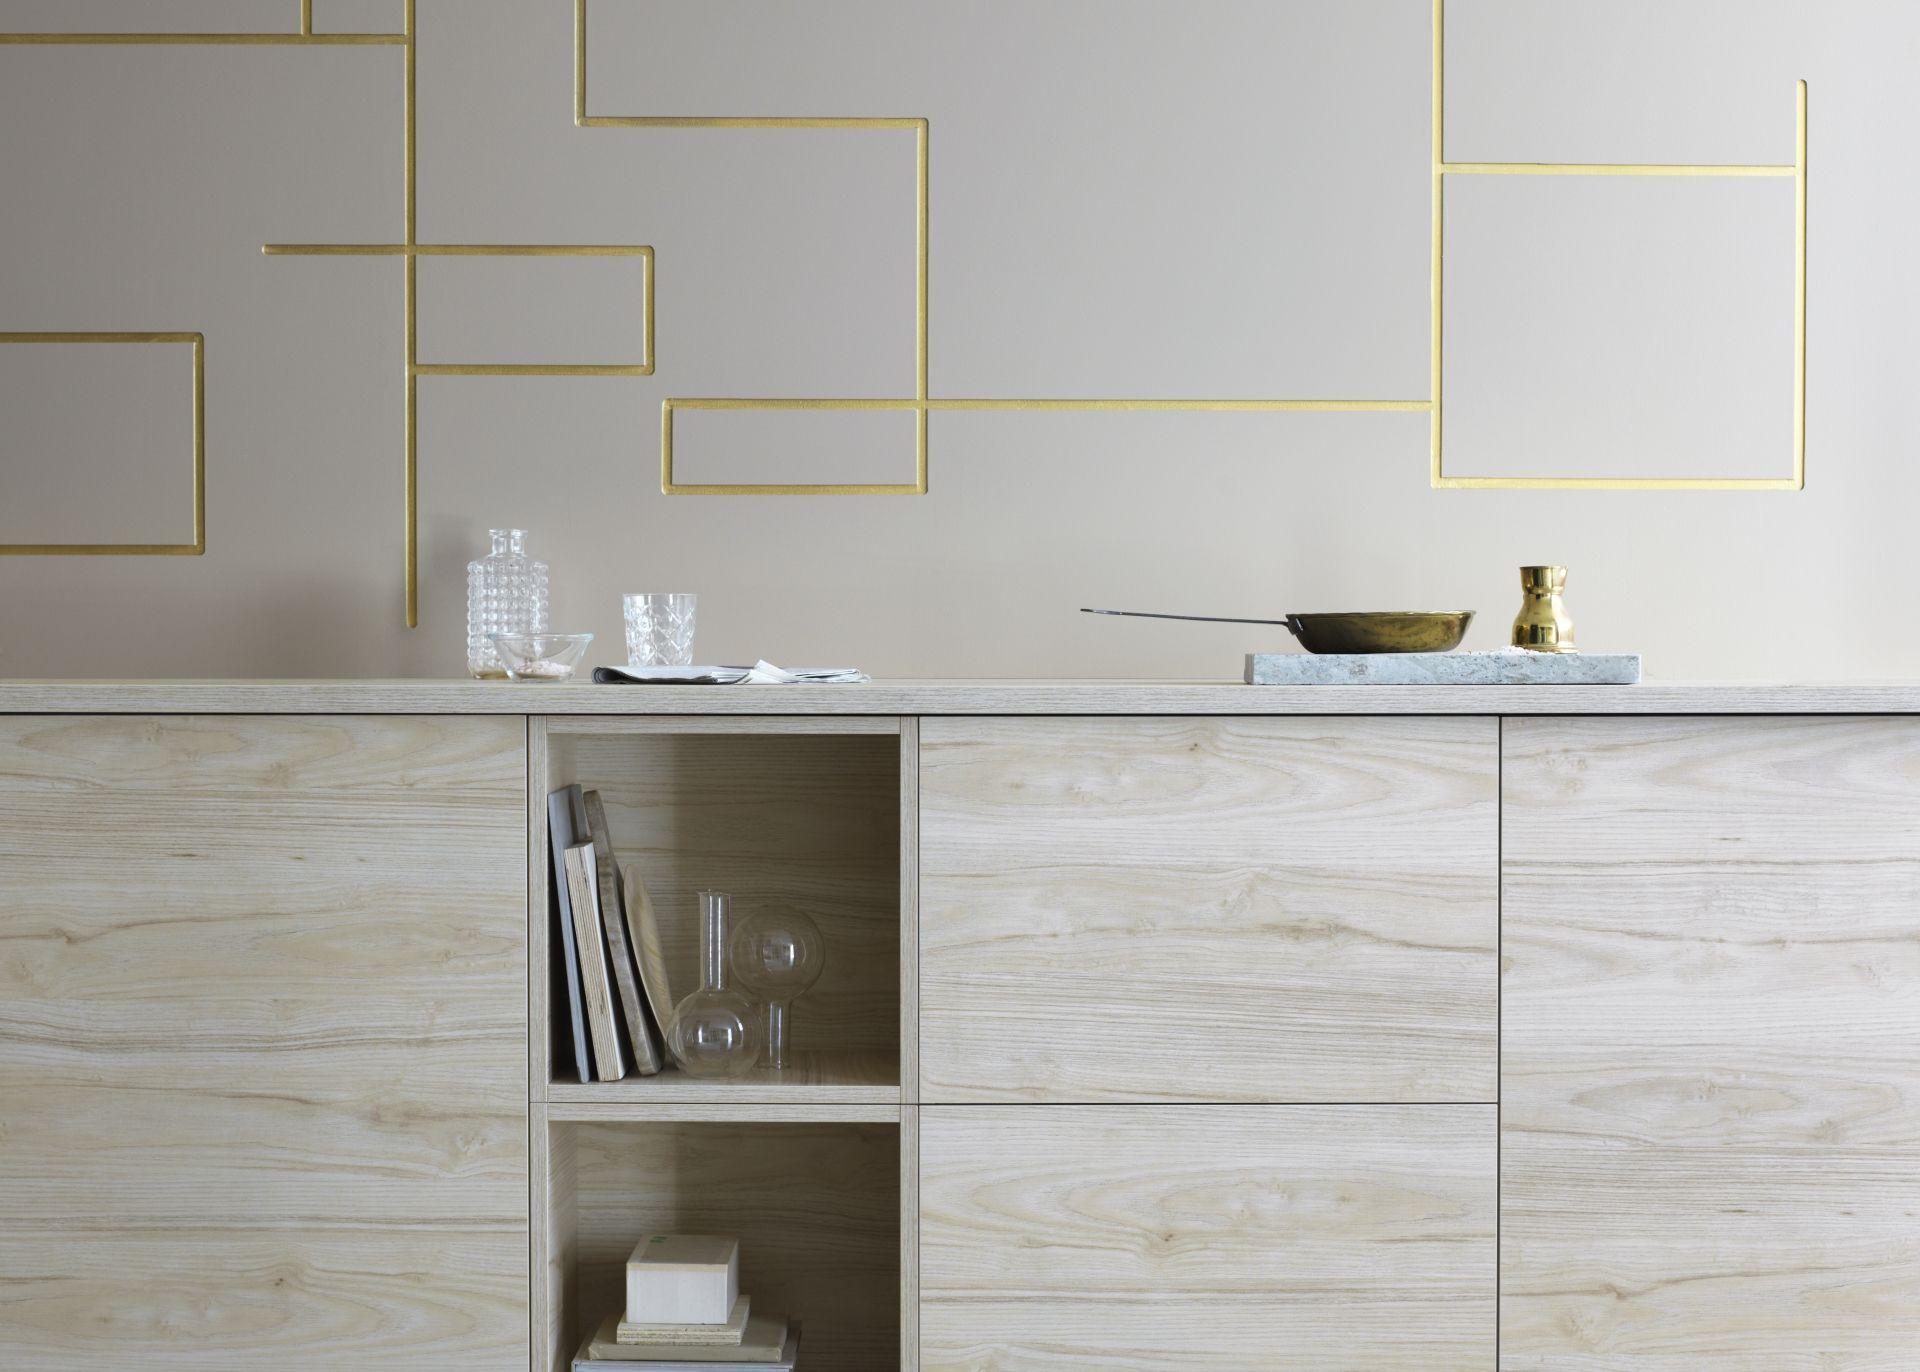 Keuken Industrieel Ikea : Askersund deur licht essenpatroon essen nieuw bij ikea ikea